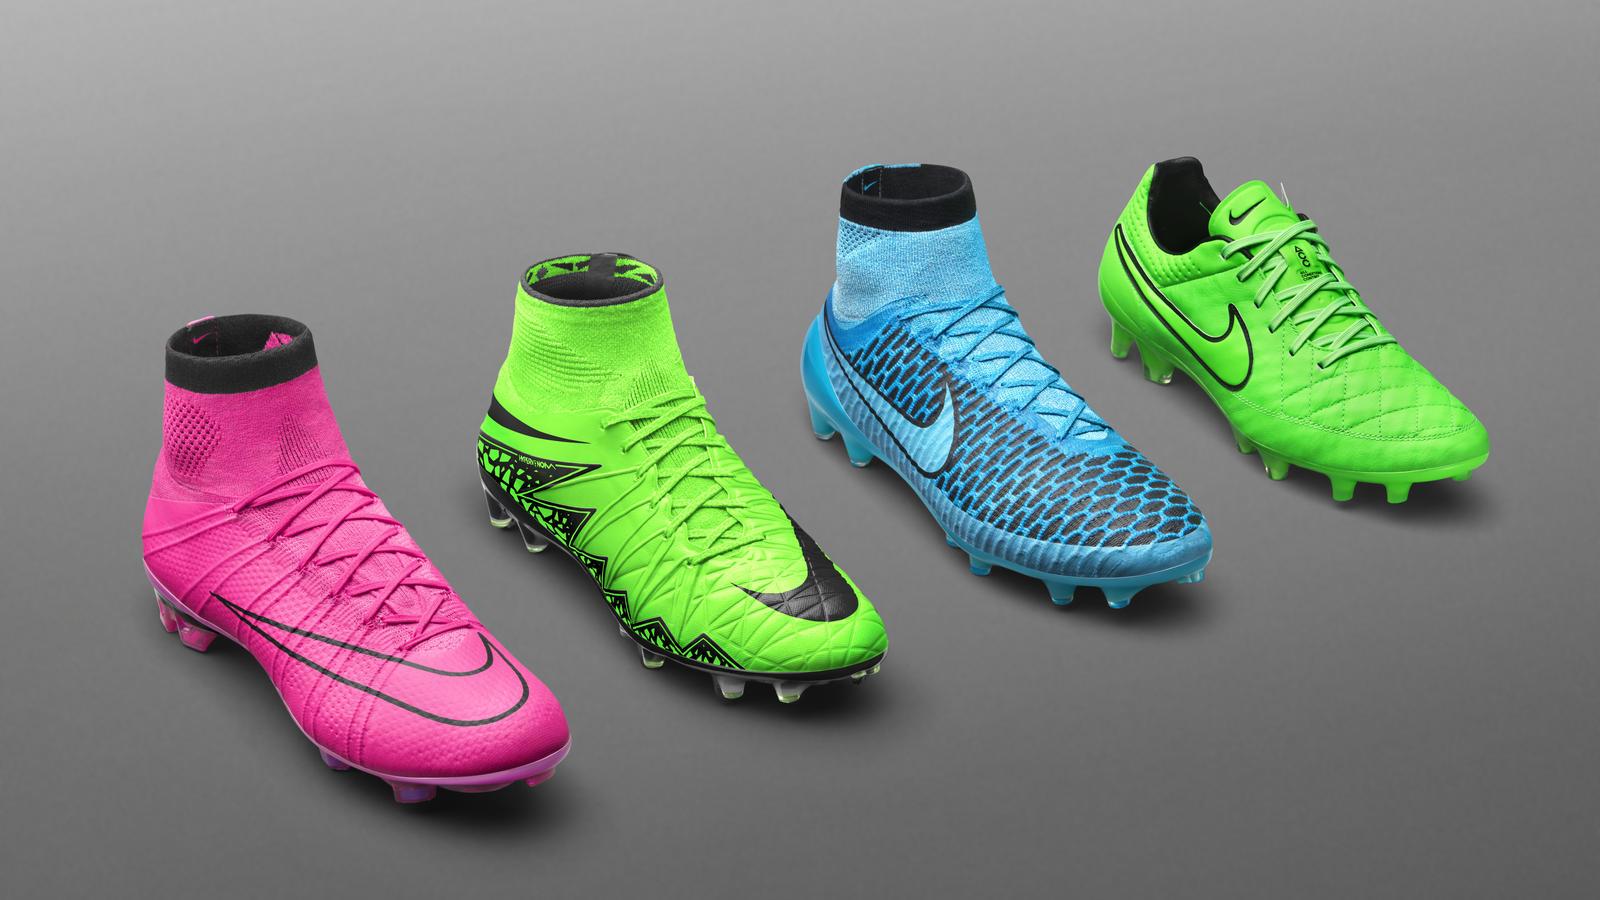 Nike apresenta novas cores de chuteiras - Nike News 5fa62d13595a0